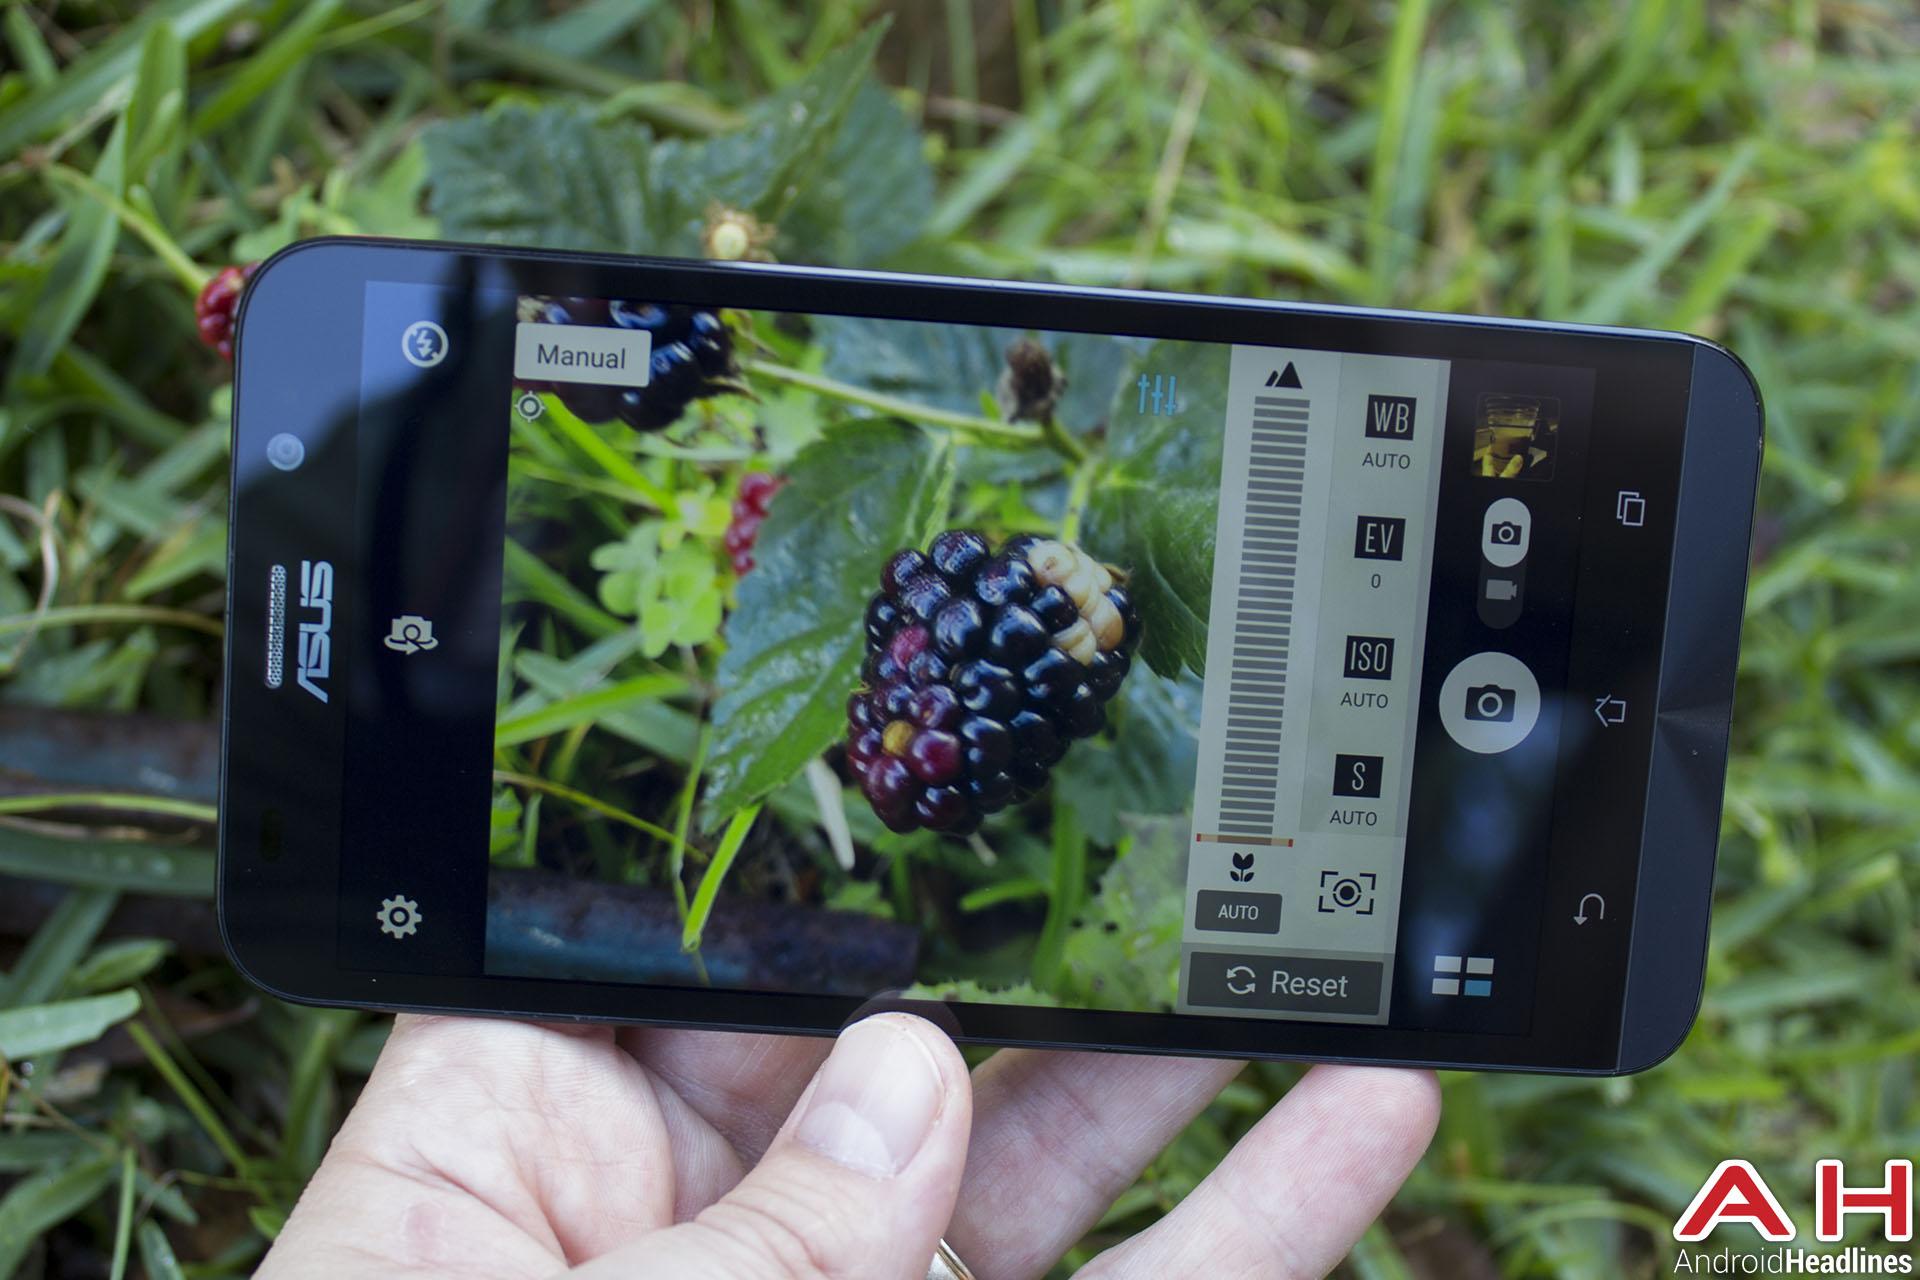 Asus Zenfone 2 monta un sensor de 13 MP con apertura F/2.0